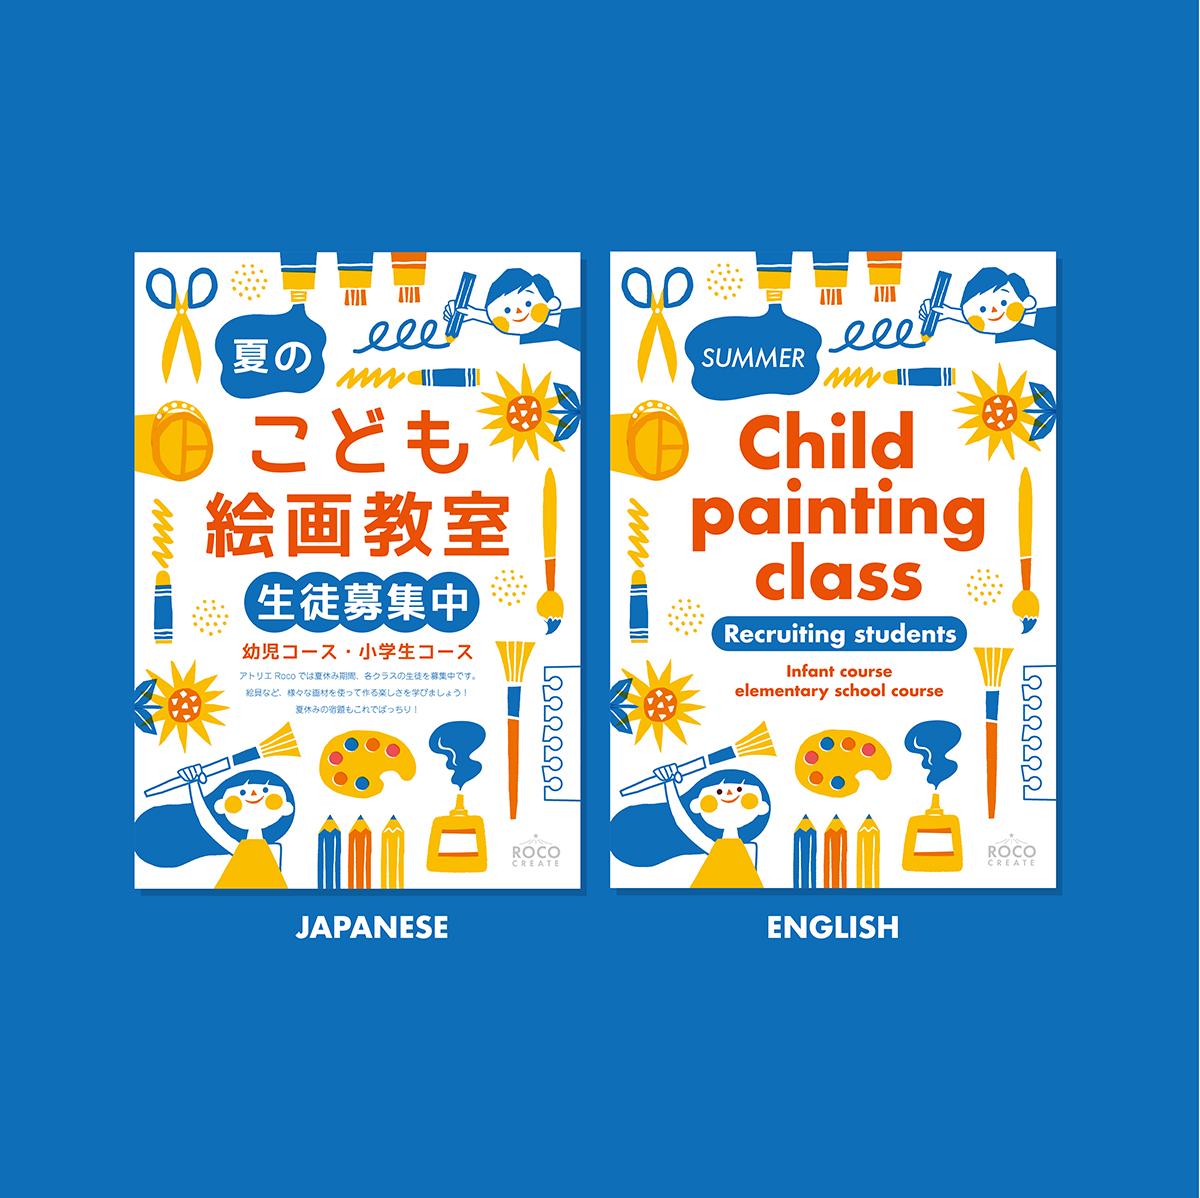 子供絵画教室募集用ポスターサンプル